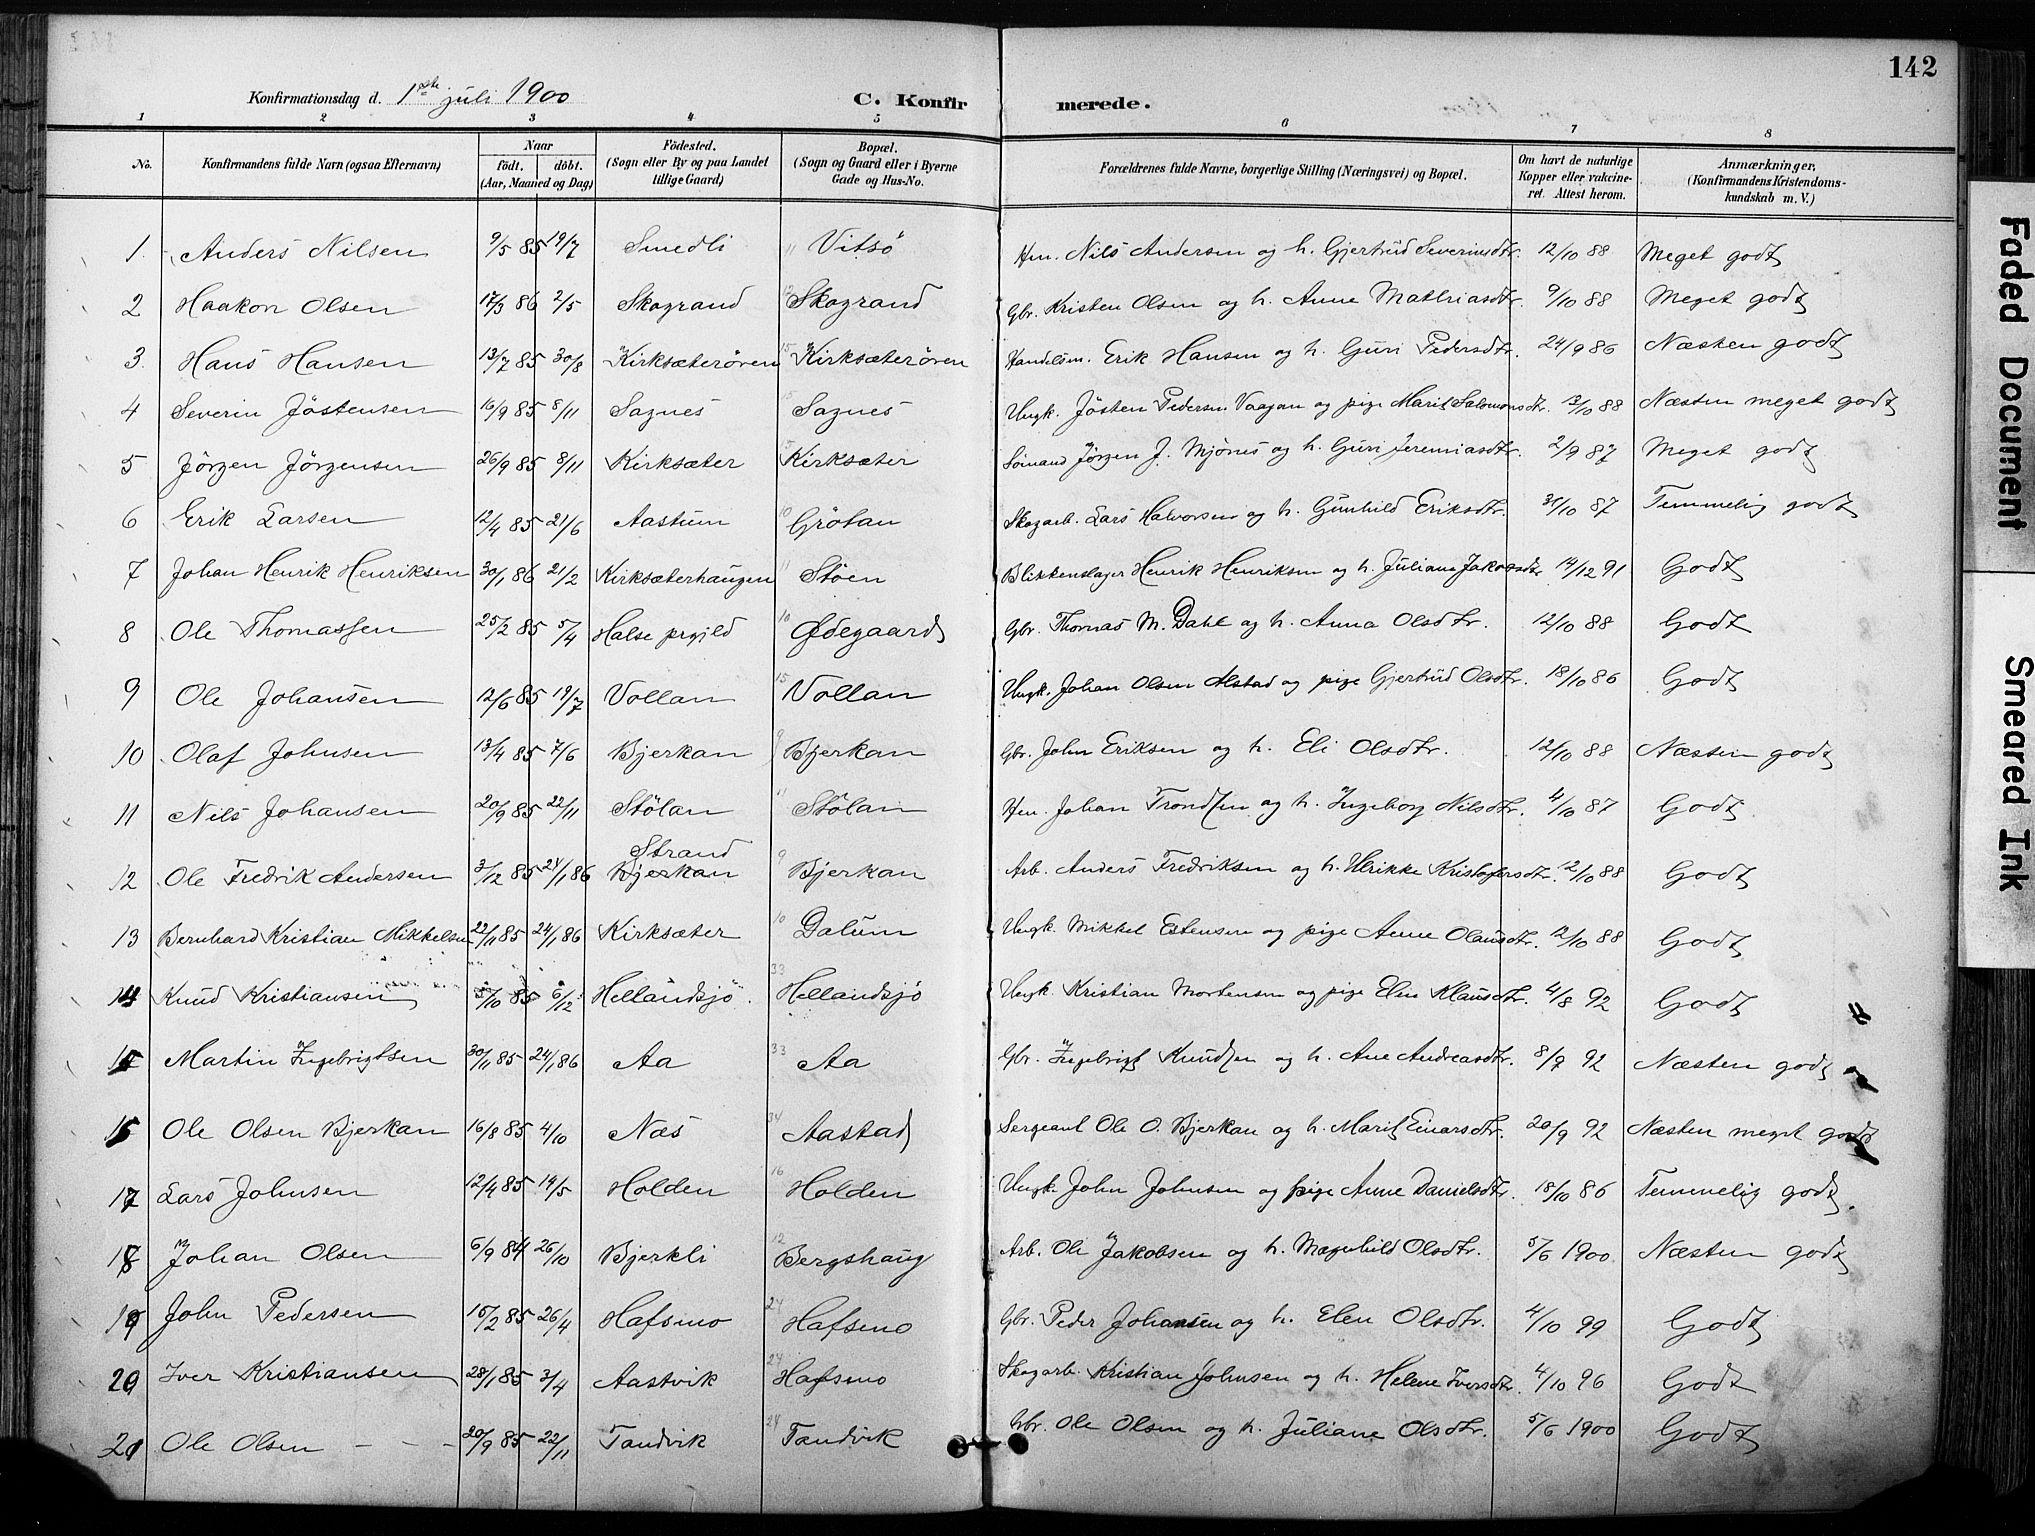 SAT, Ministerialprotokoller, klokkerbøker og fødselsregistre - Sør-Trøndelag, 630/L0497: Ministerialbok nr. 630A10, 1896-1910, s. 142